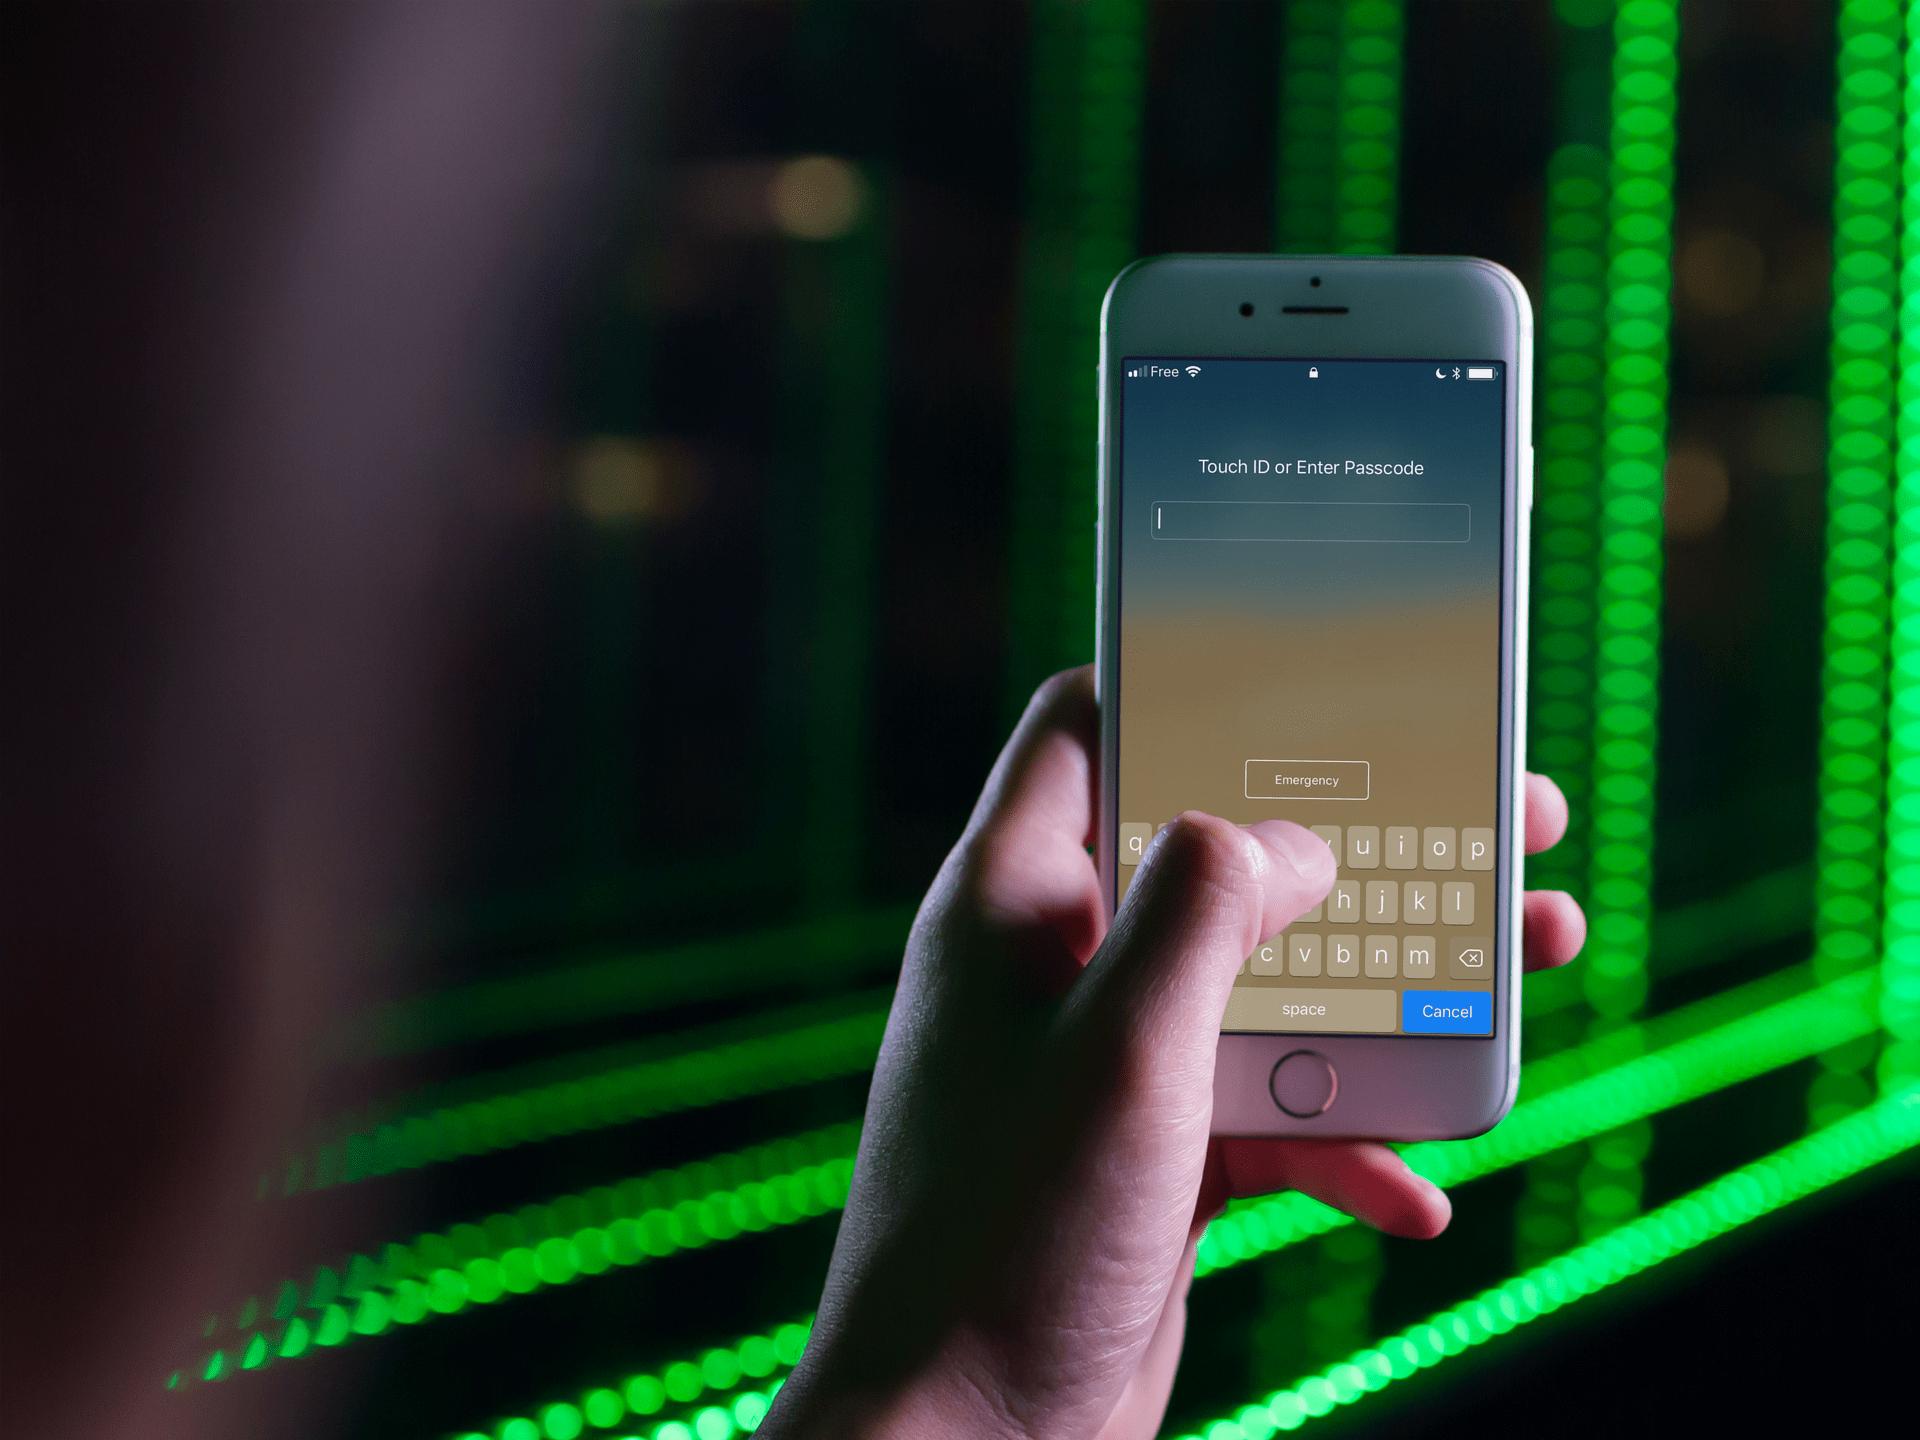 italiamac alphanumeric passcode on iphone Il codice a 6 cifre per sbloccare iPhone non è più sicuro